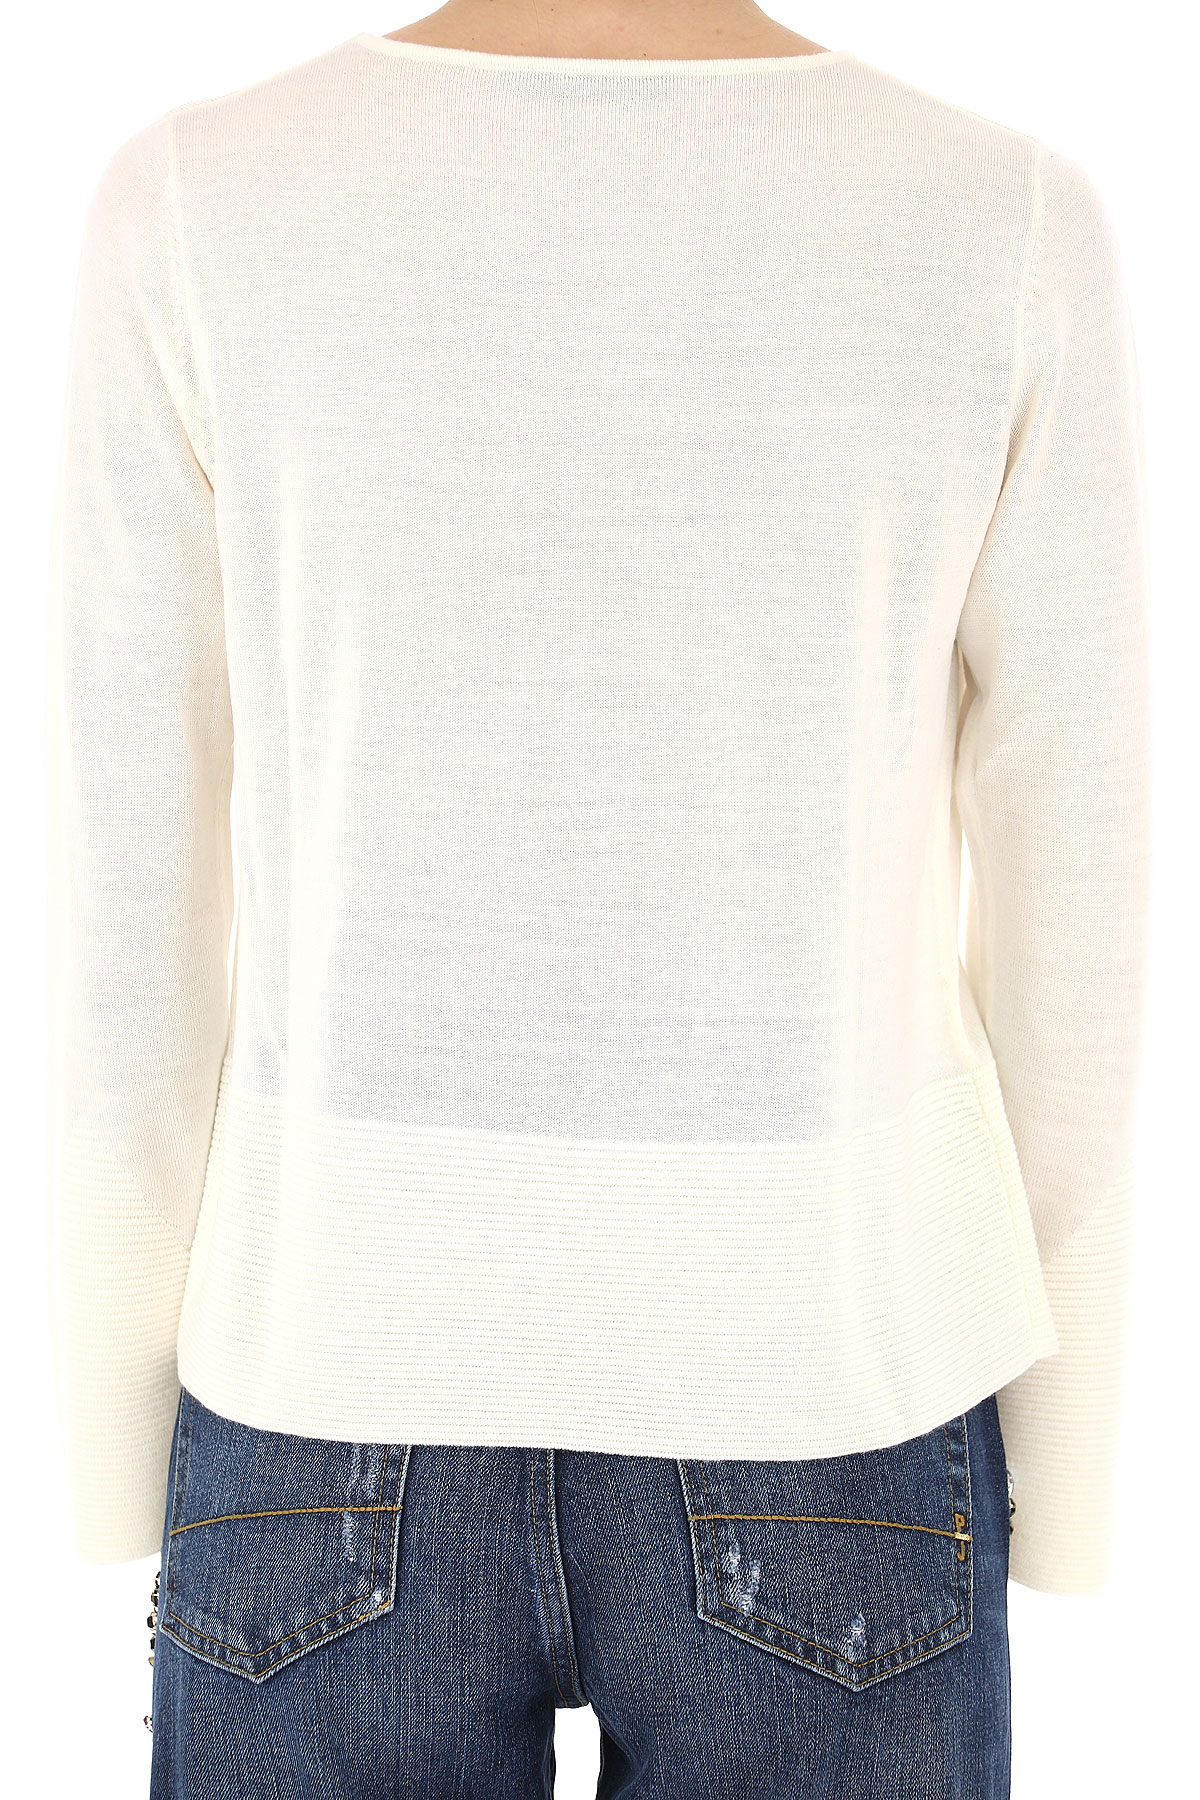 nuovo di zecca ca375 2733f Womens Clothing Seventy, Style code: mt1602-910339-003